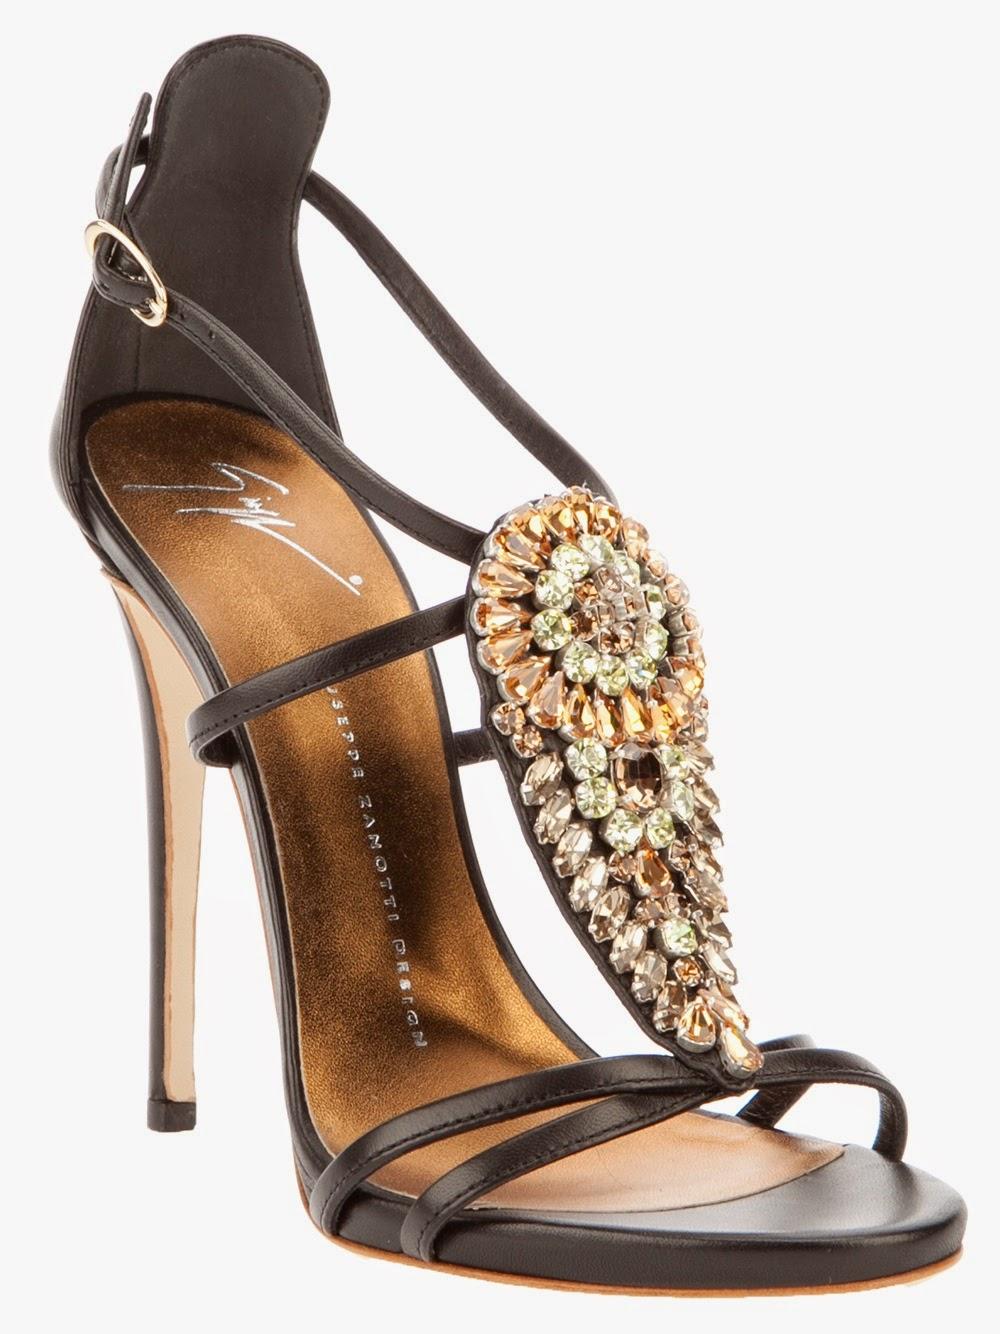 Zapatos para fiesta de 15 años | Quinceañeras